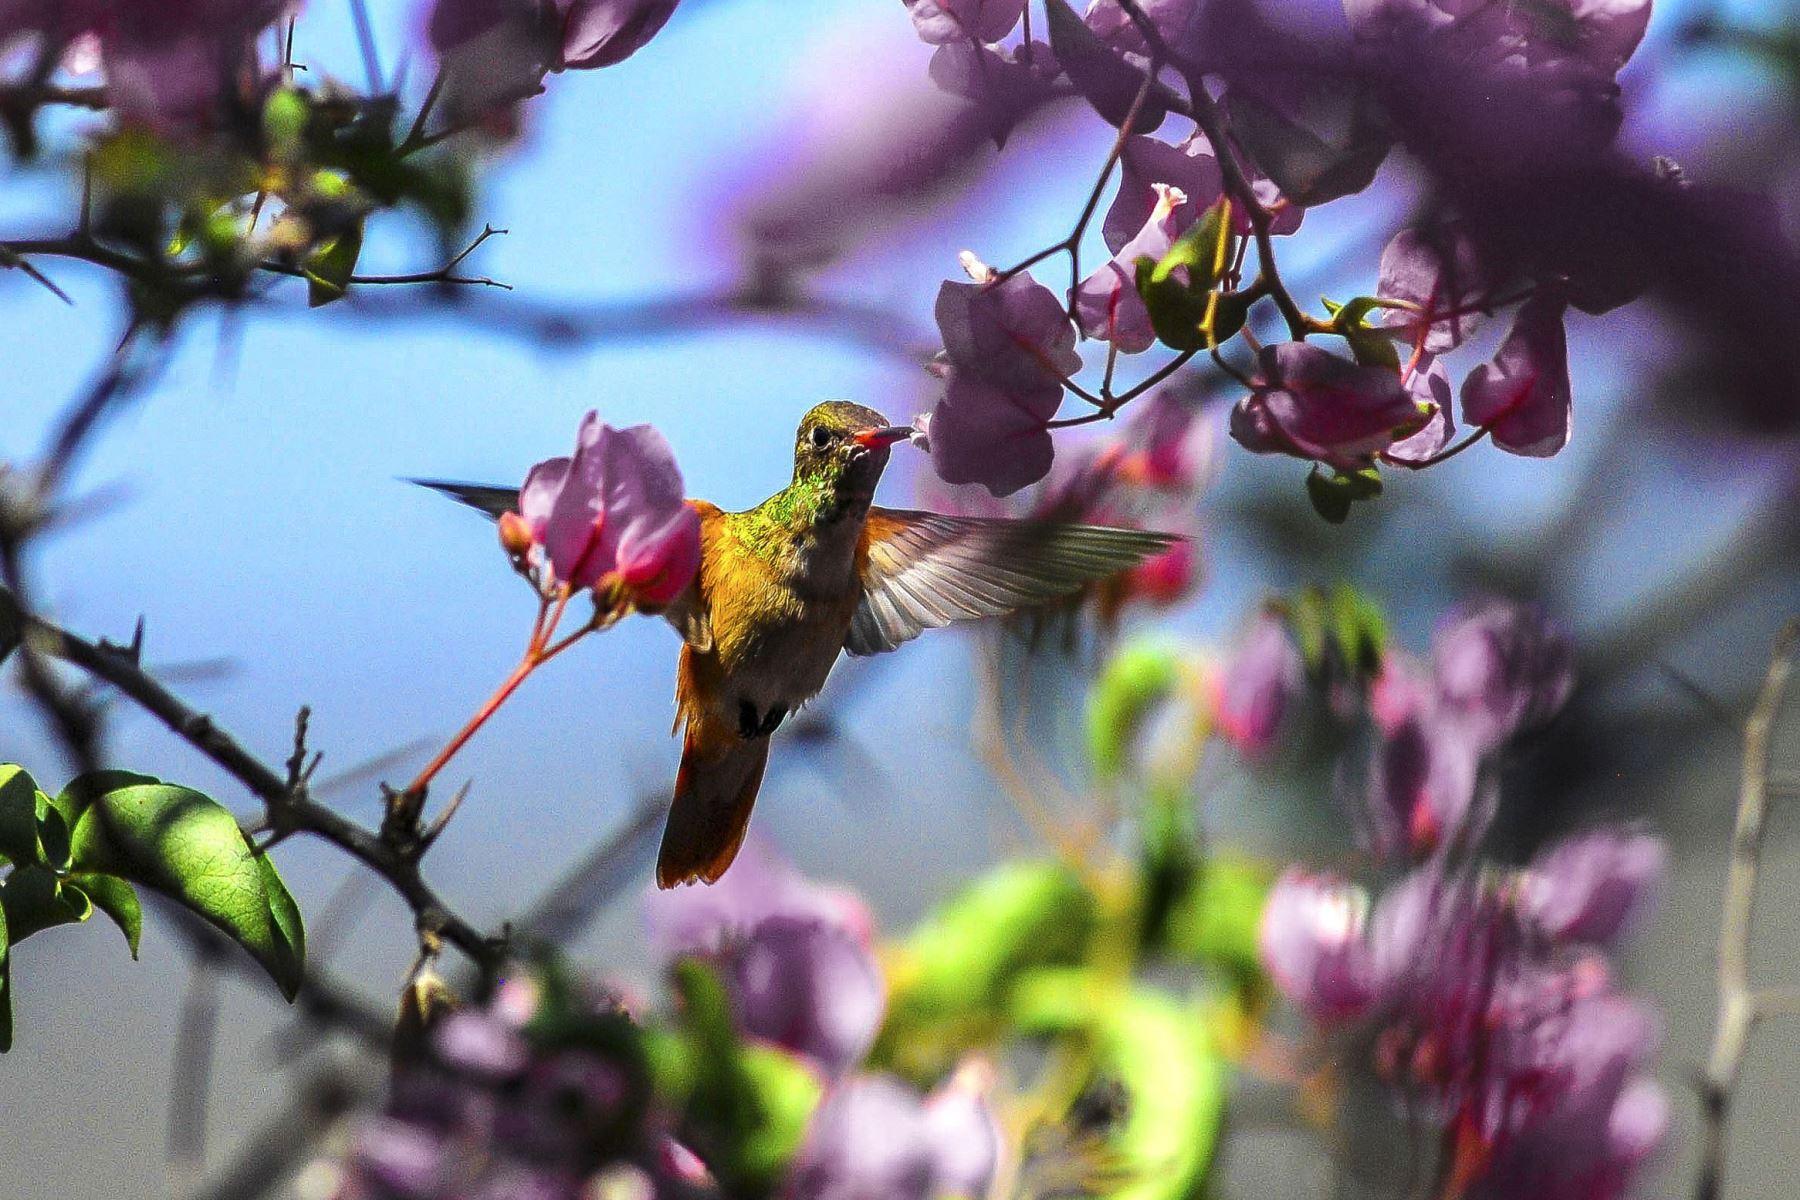 Colibrí de vientre rufo (Amazilia amazilia), mide aproximadamente 9 cm y es el colibrí más abundante que vive en la Reserva Ecológica Chaparrí. Foto: Heinz Plenge